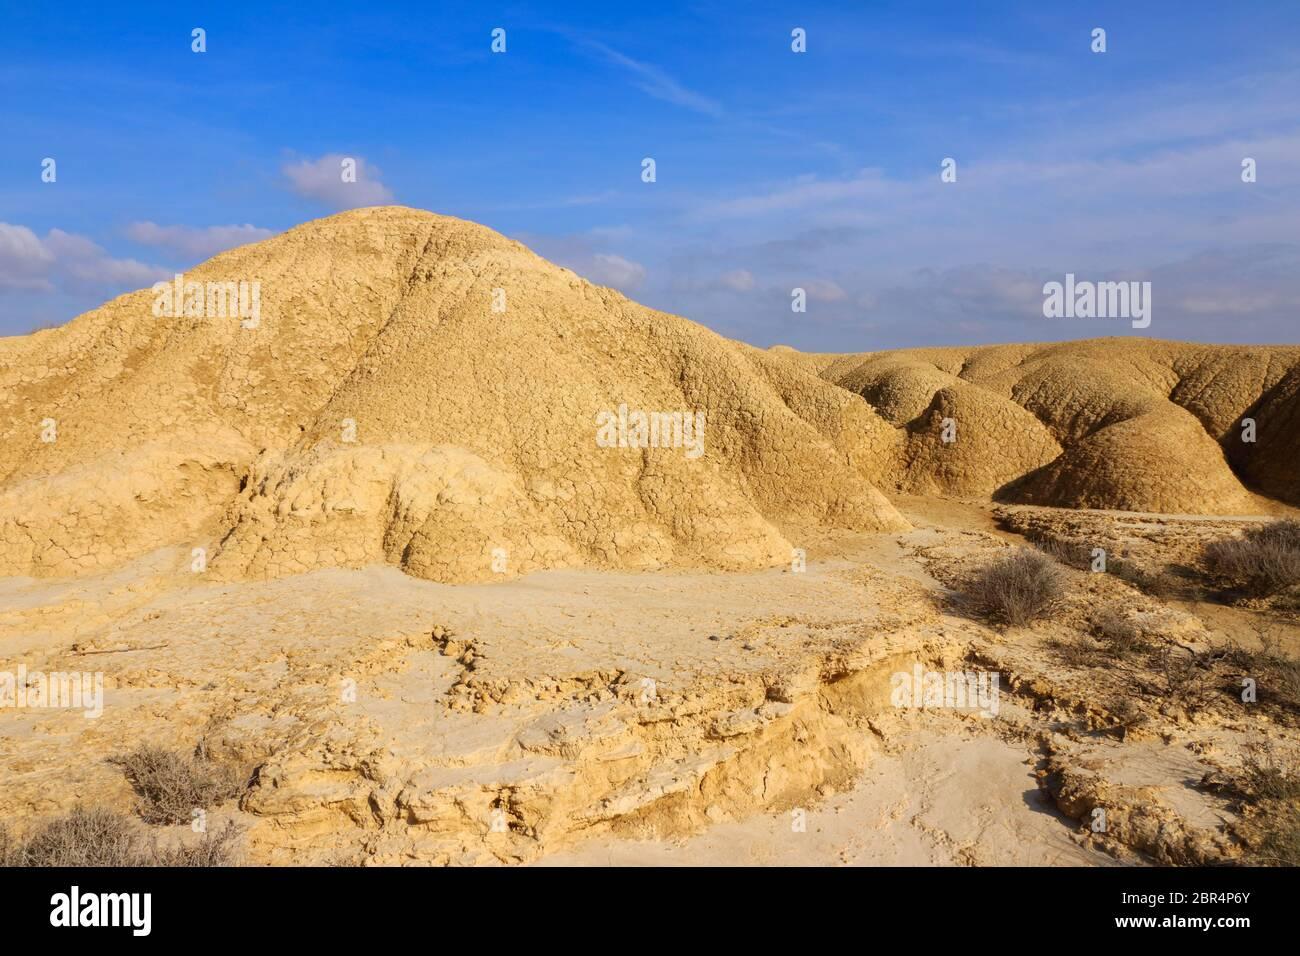 Relief frappant avec des fissures de dessiccation distinctes dans la région naturelle du semi-désert de Bardenas Reales, Réserve de biosphère de l'UNESCO, Navarre, Espagne Banque D'Images